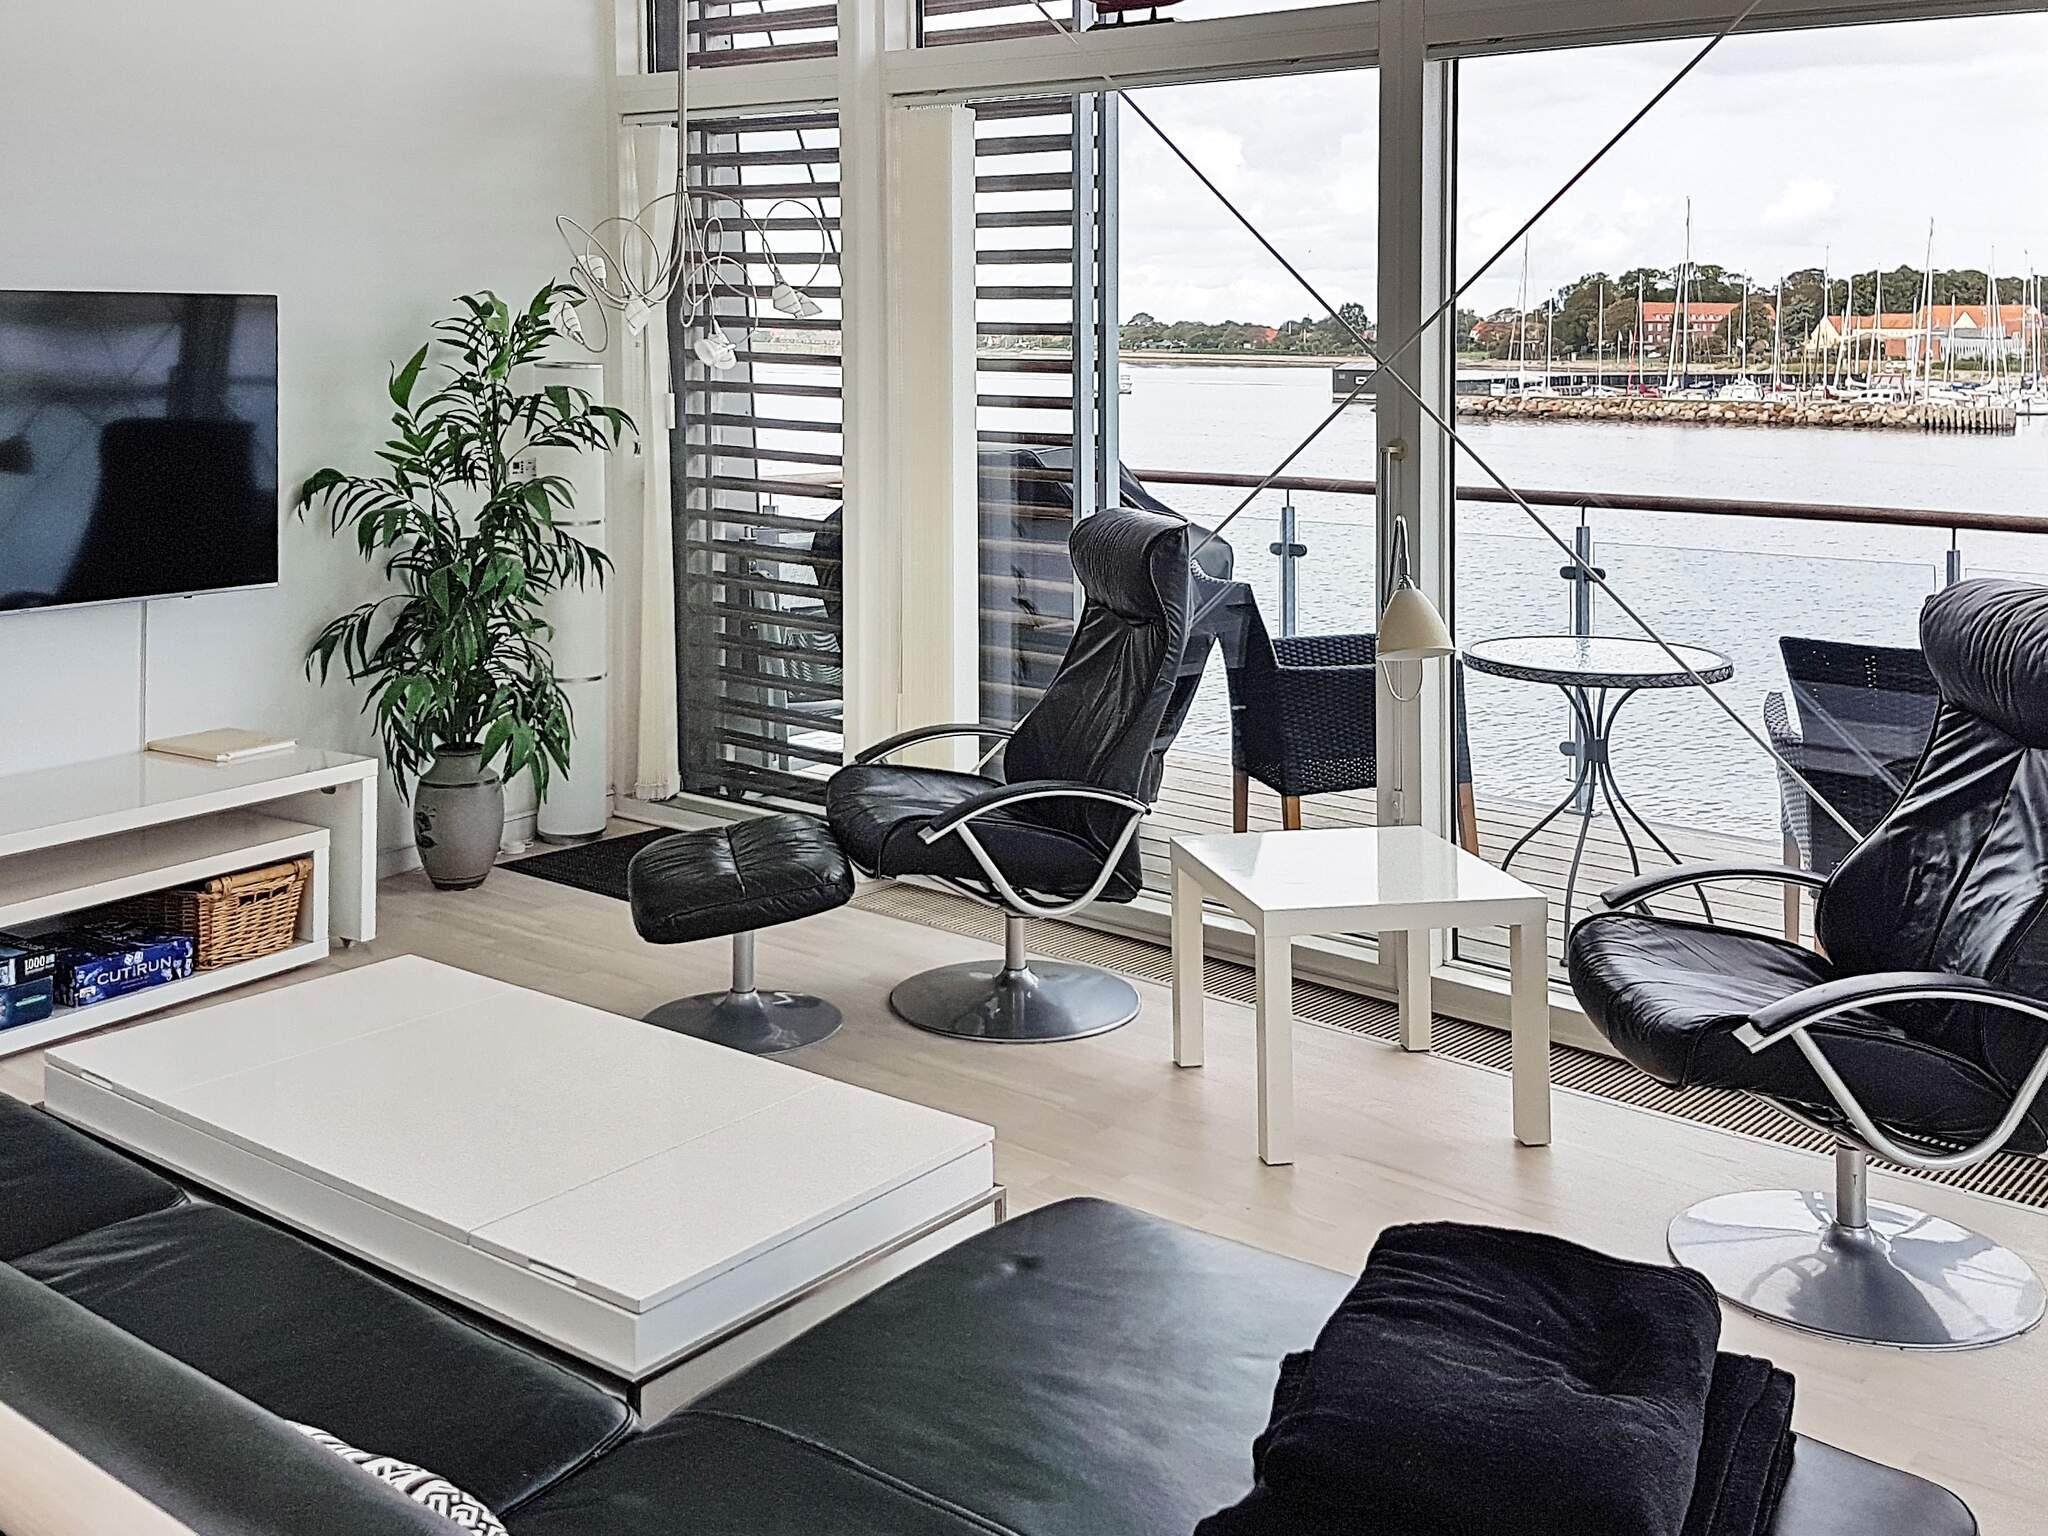 Ferienhaus Stege (264060), Stege, , Møn, Dänemark, Bild 13